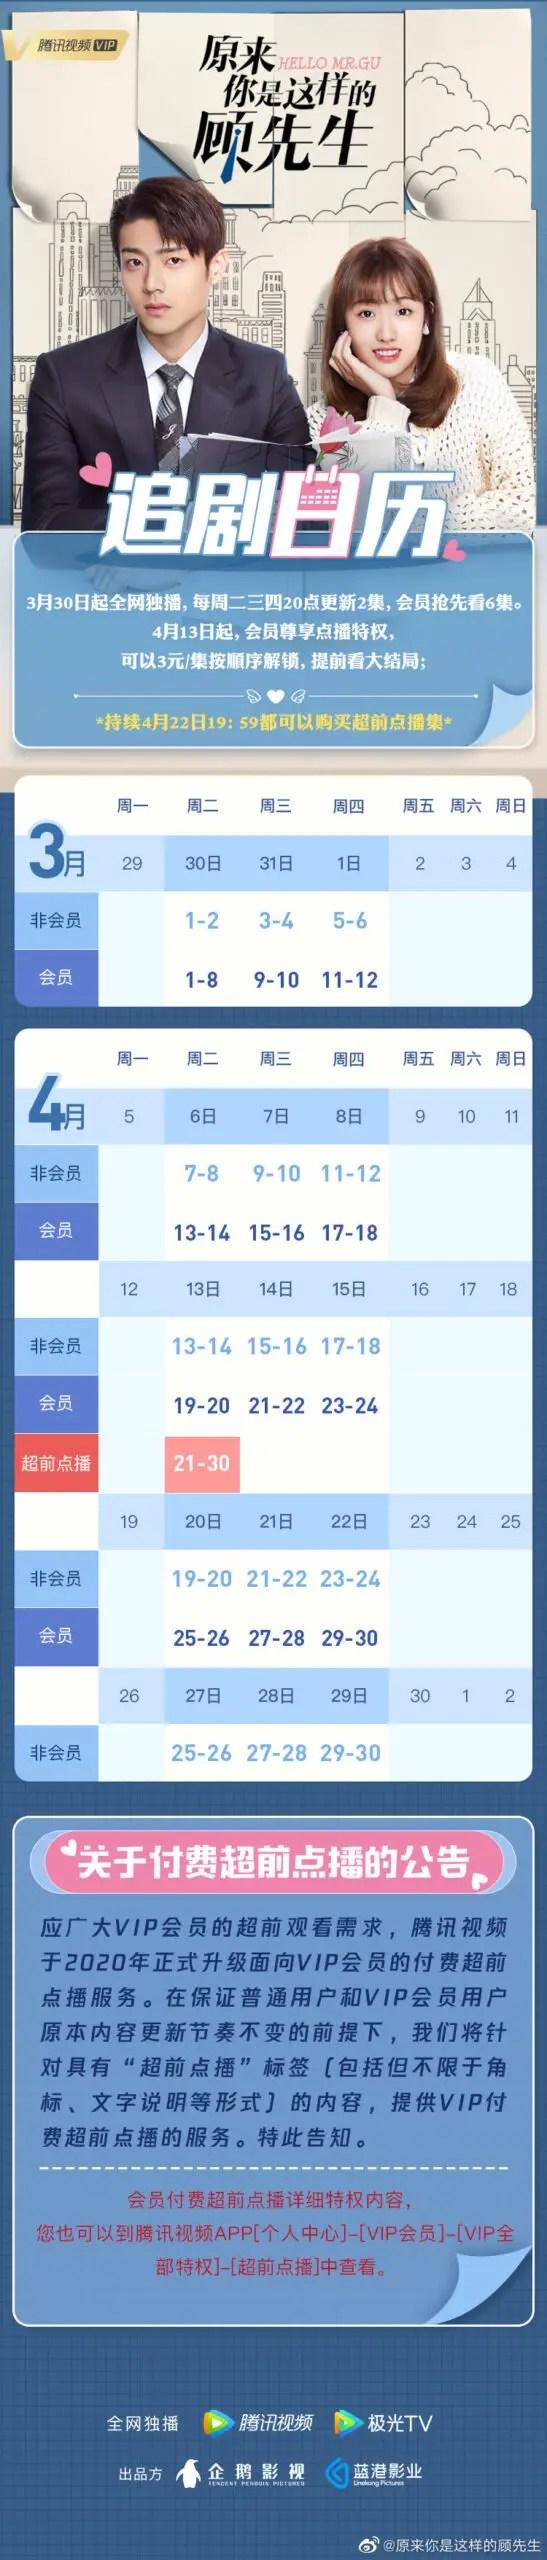 Hello Mr. Gu Chinese Drama Airing Calendar